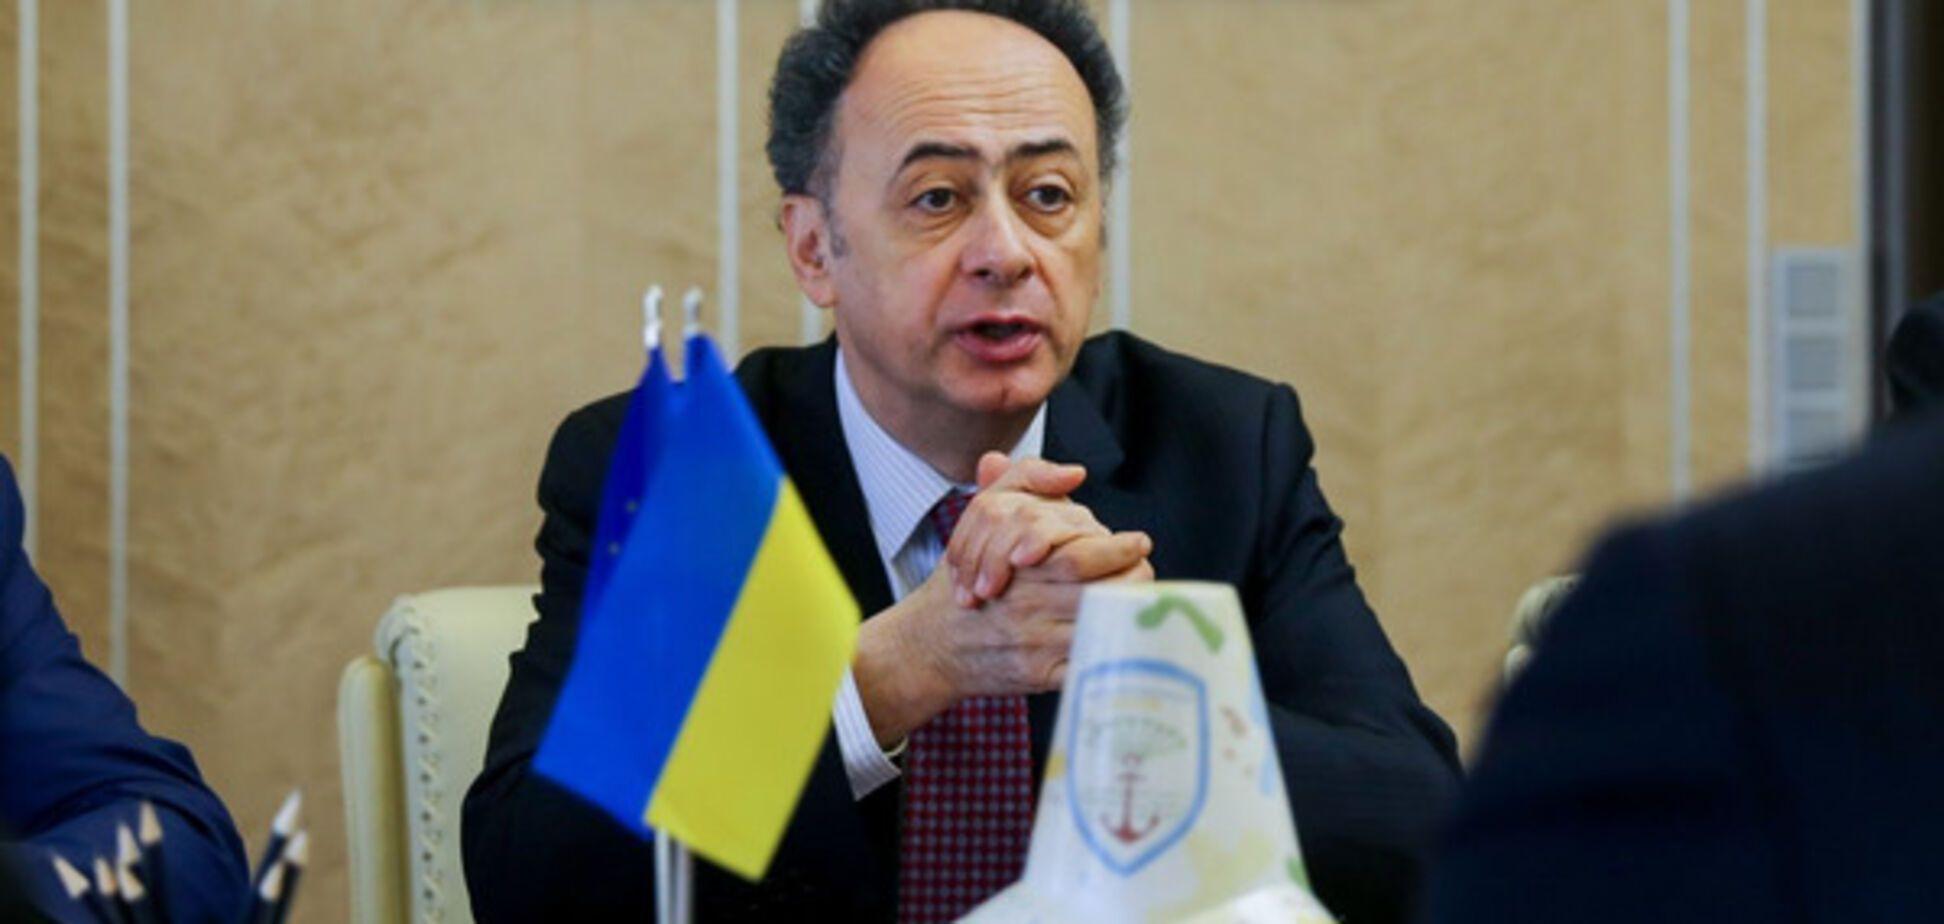 Глава представительства Европейского союза в Украине Хьюг Мингарелли